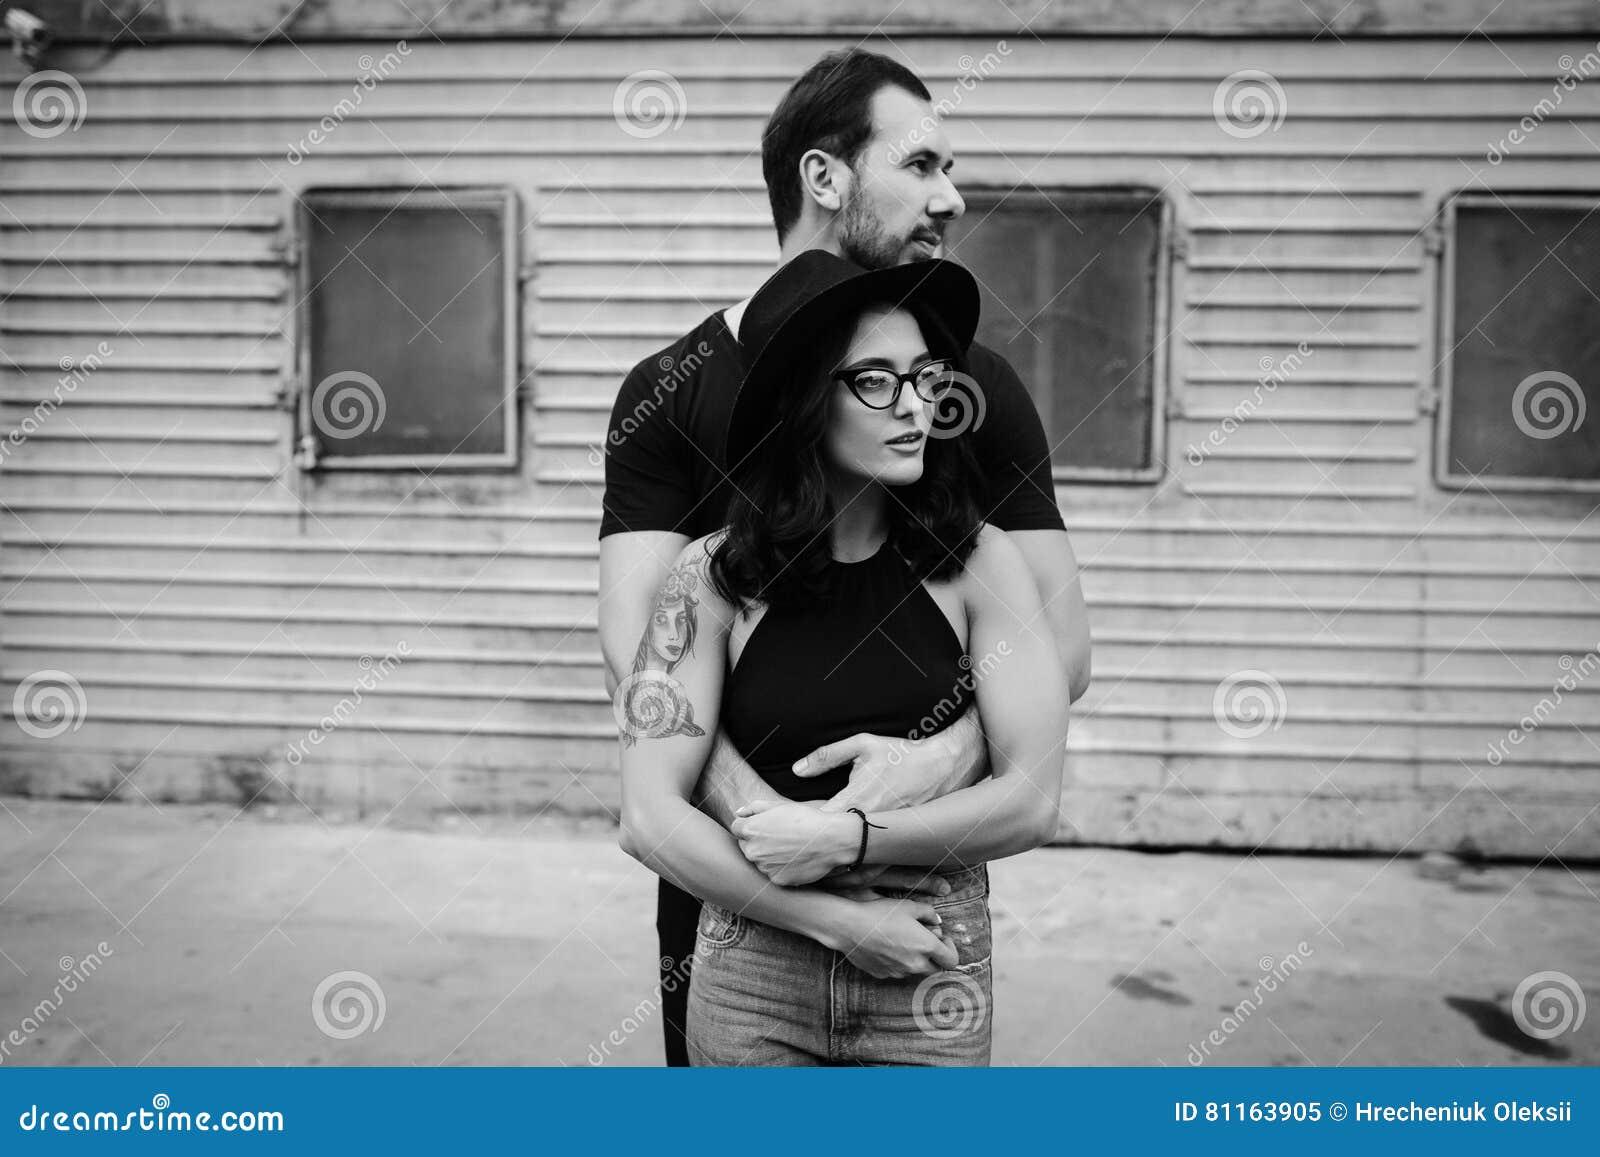 Guy hugging a girl